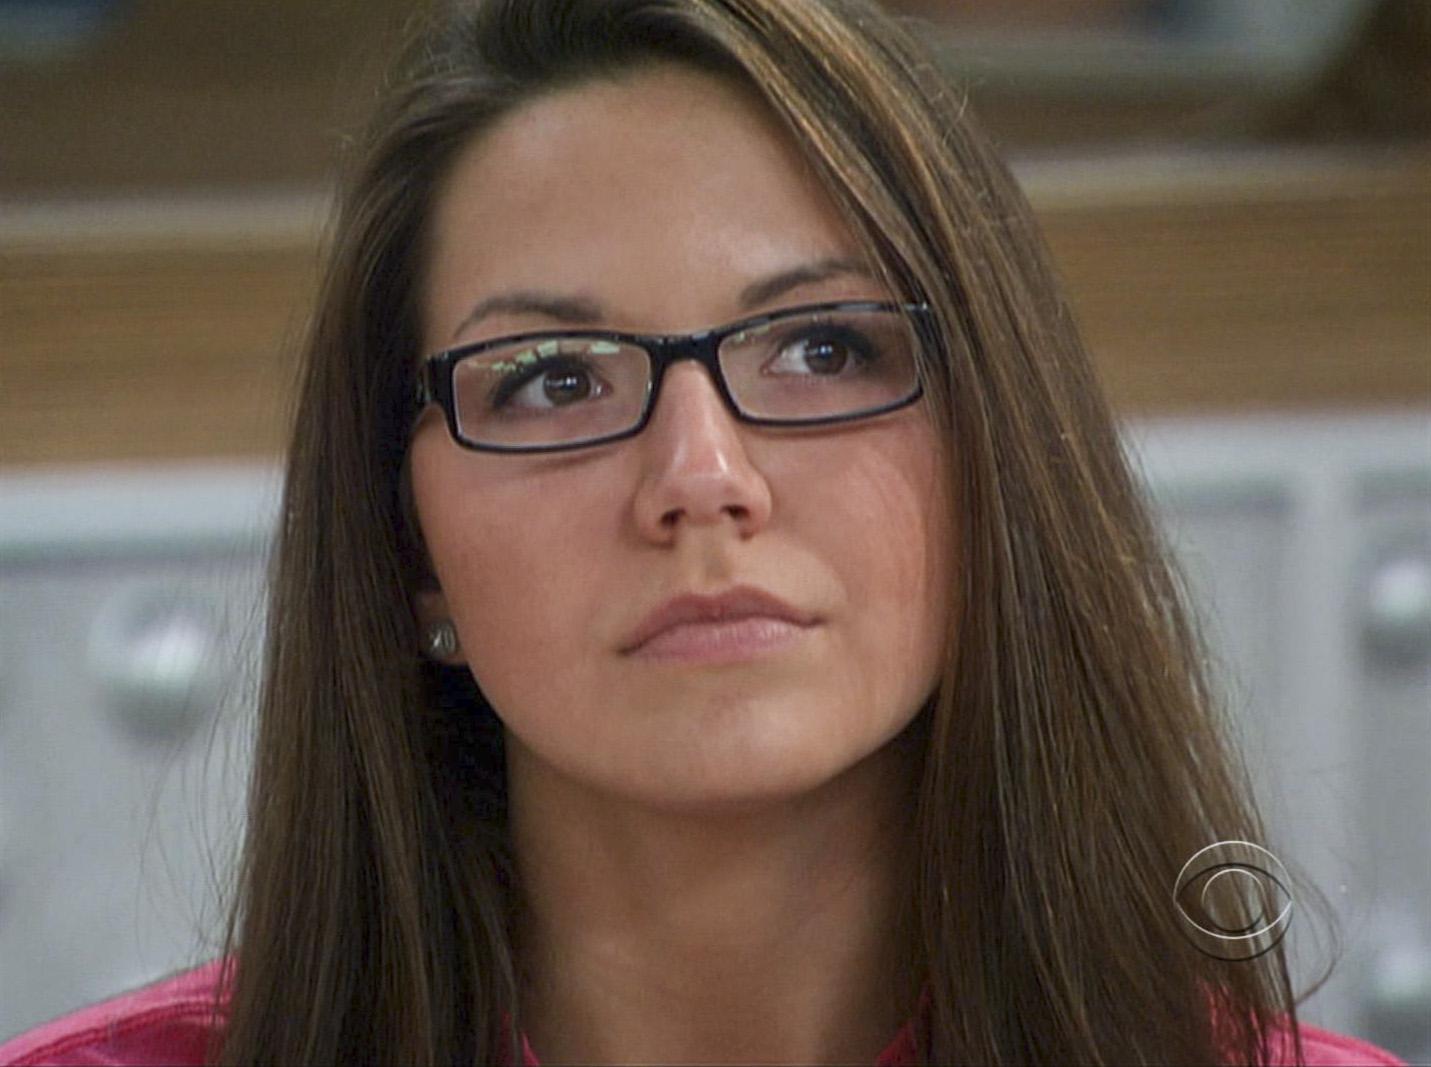 Danielle Nominated